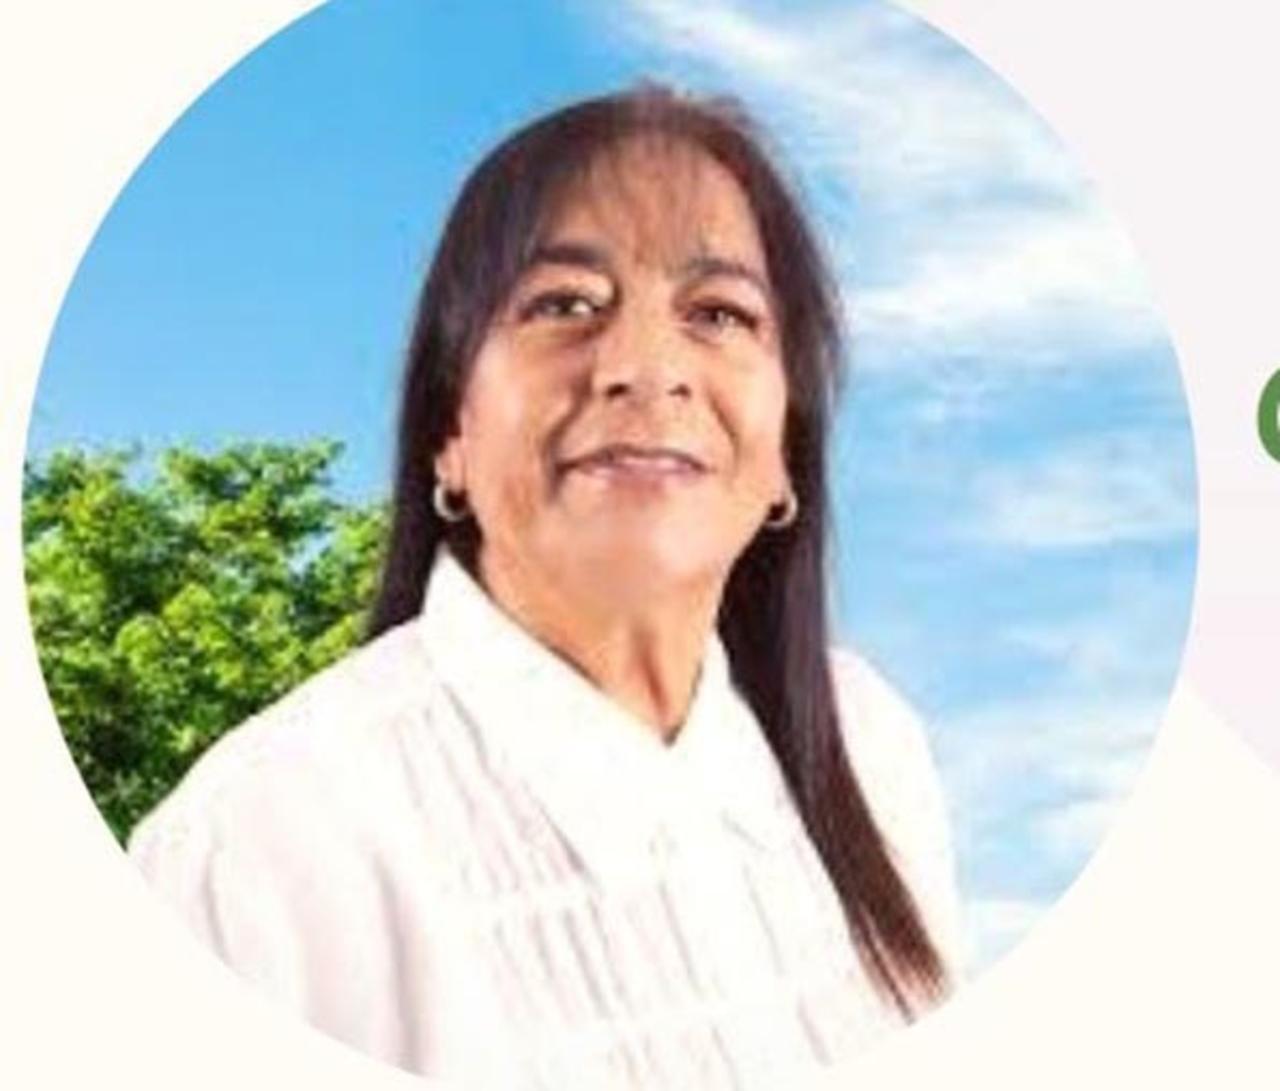 Presidenta de Santa Clara da positivo a Covid-19